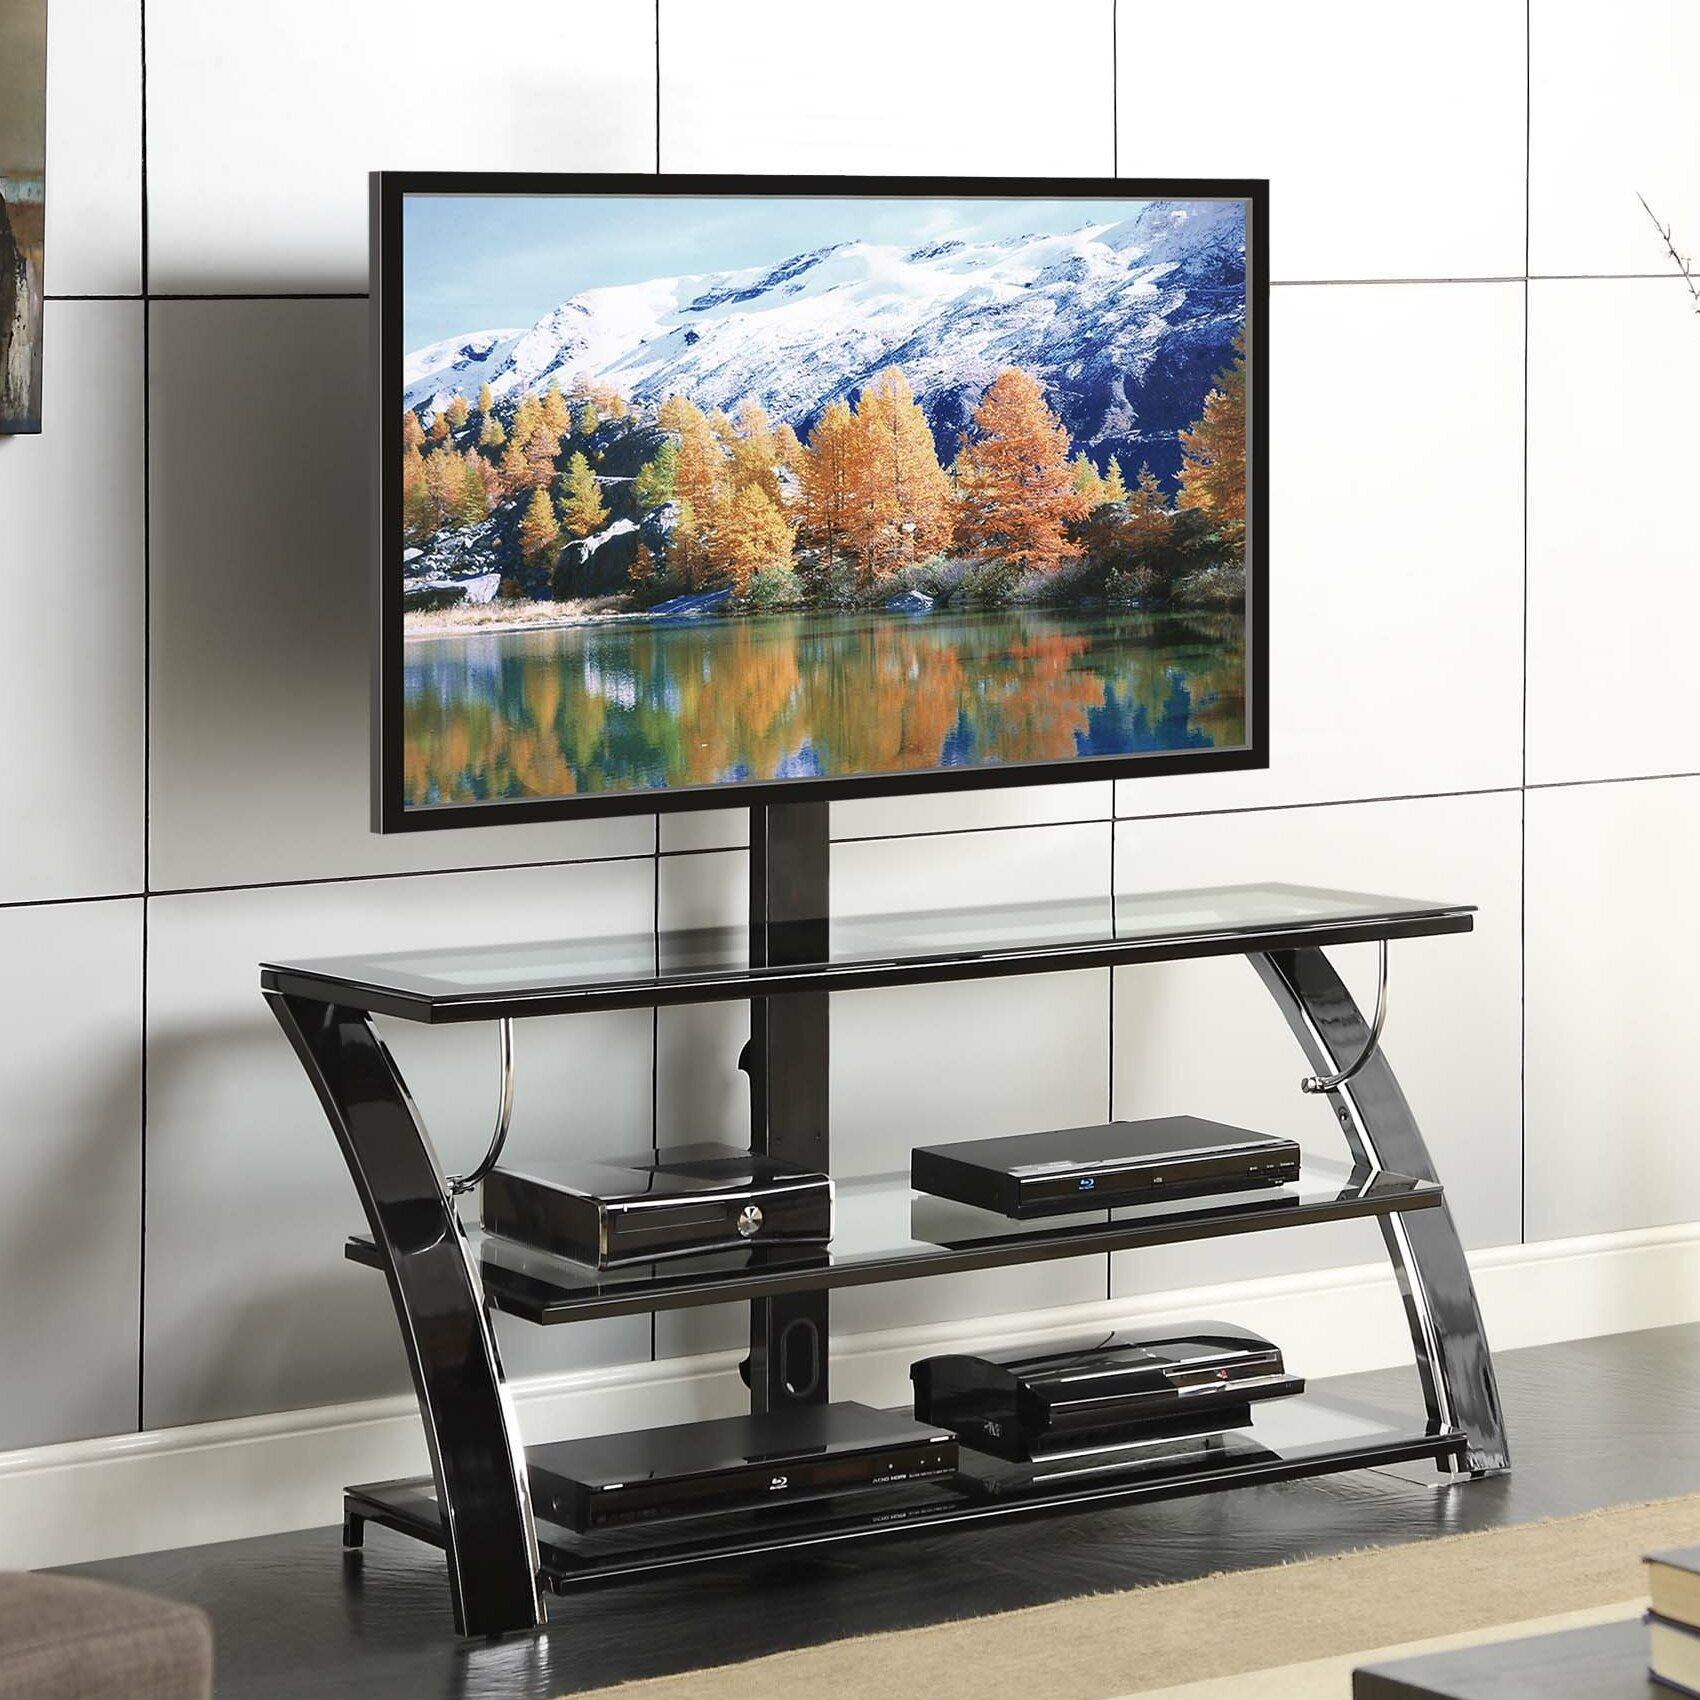 Whalen Furniture Camarillo TV Stand U0026 Reviews Wayfairca  U003e Tv Rack Buche  Glas